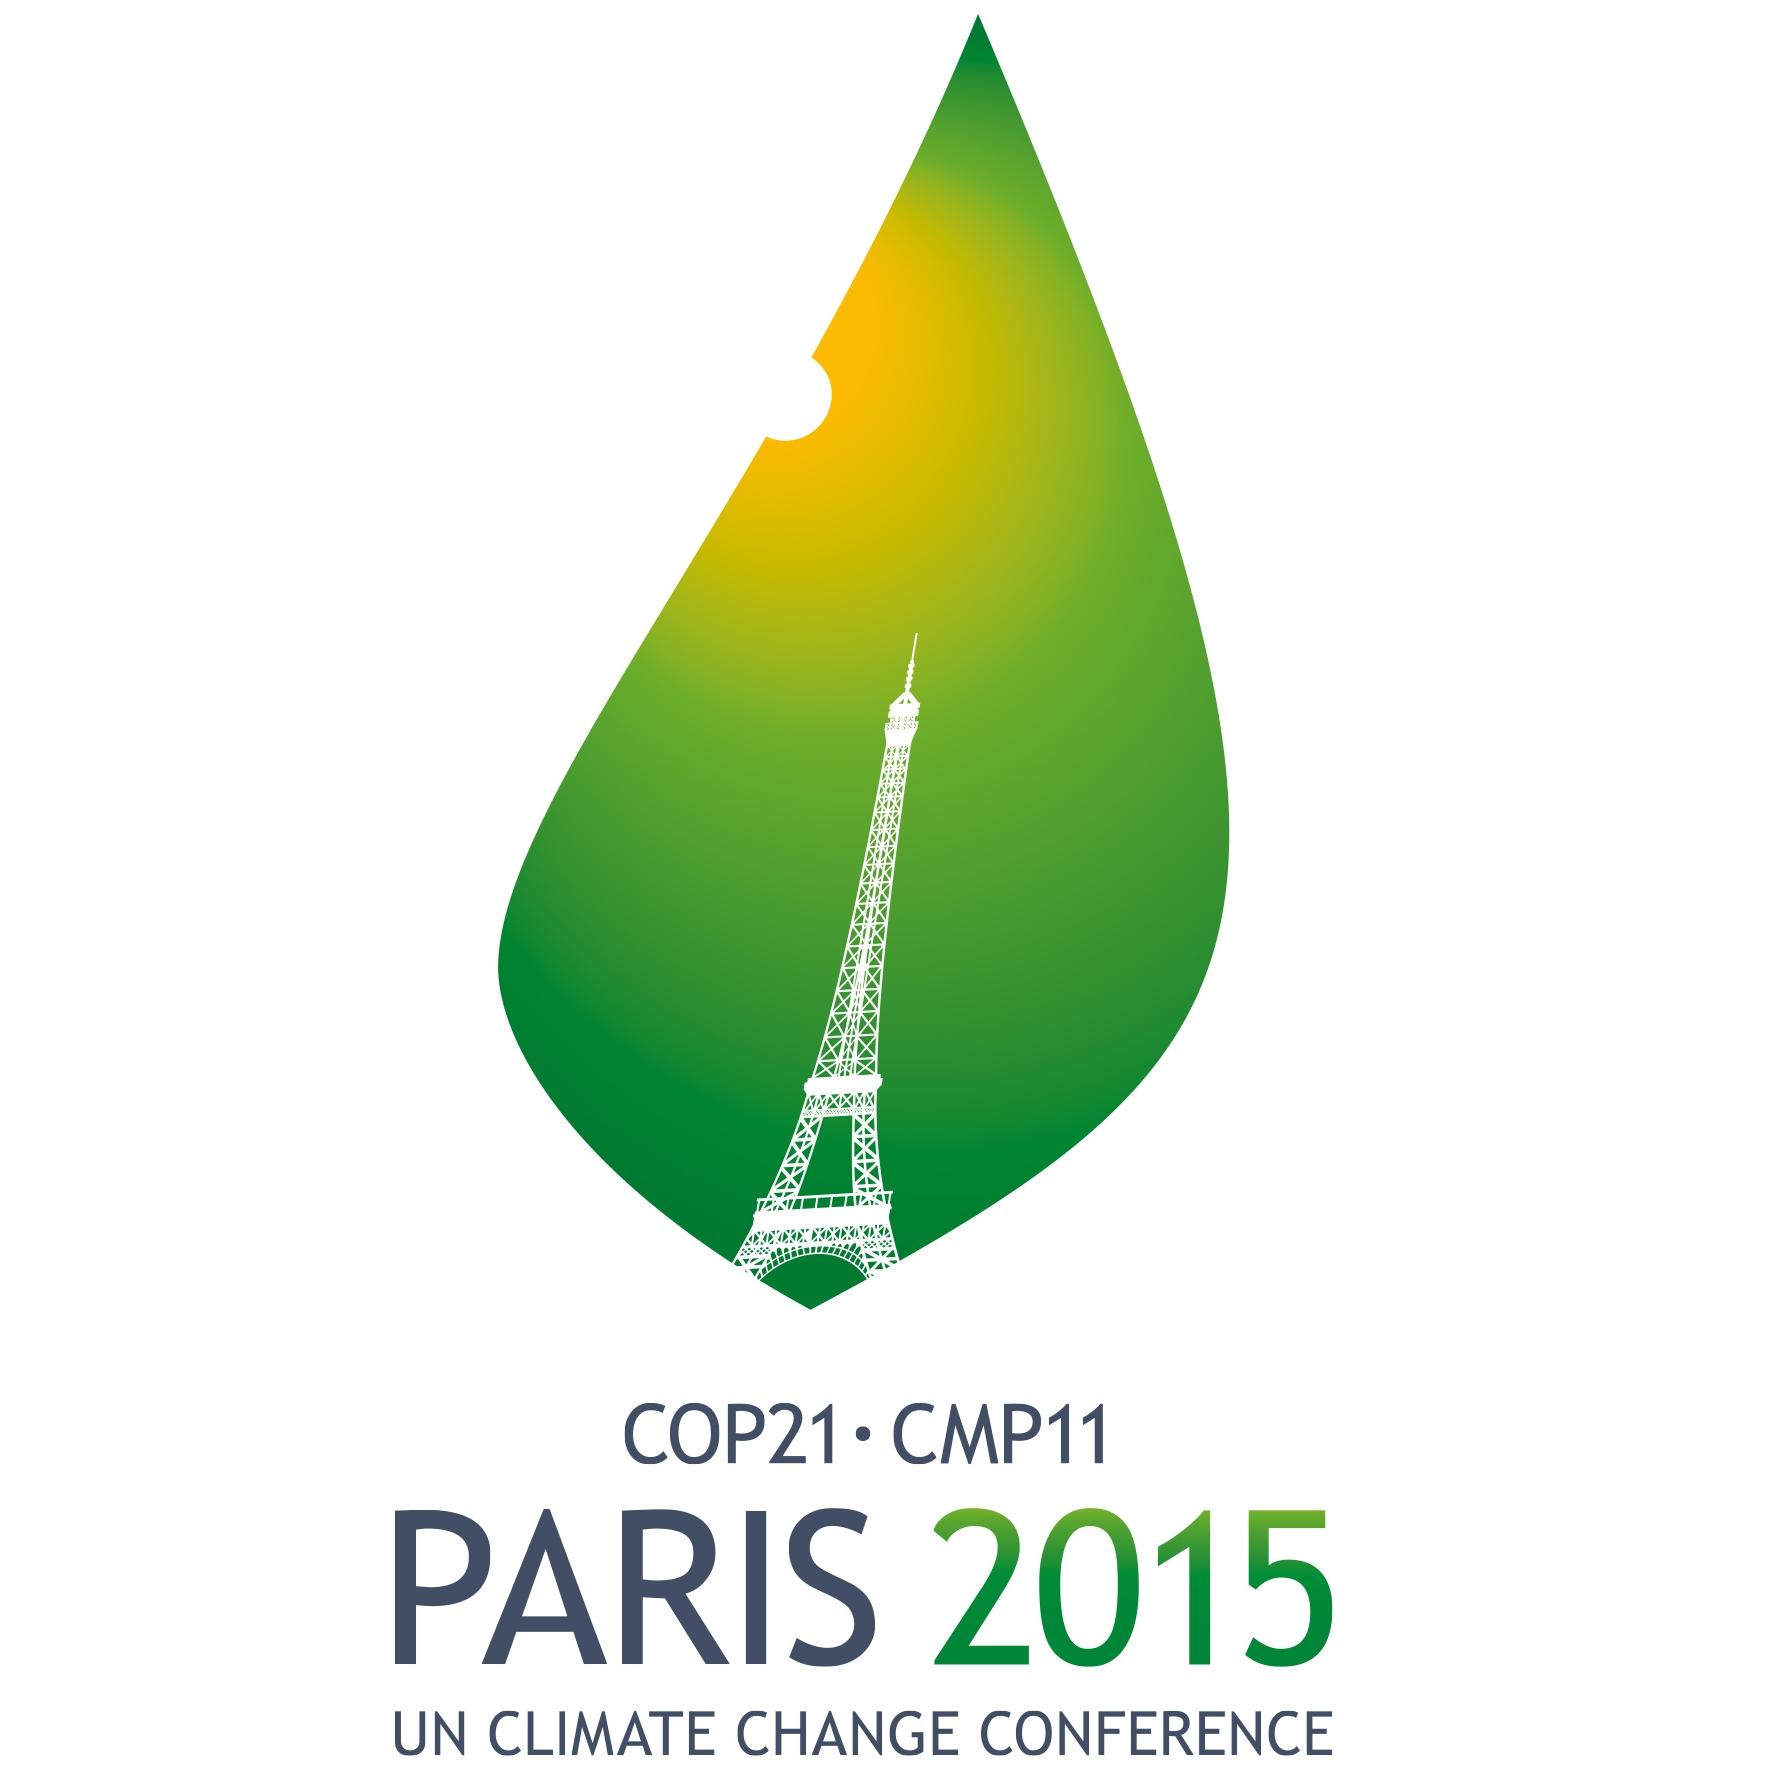 Info Birmanie organise une conférence le 4 décembre sur le changement climatique en Birmanie